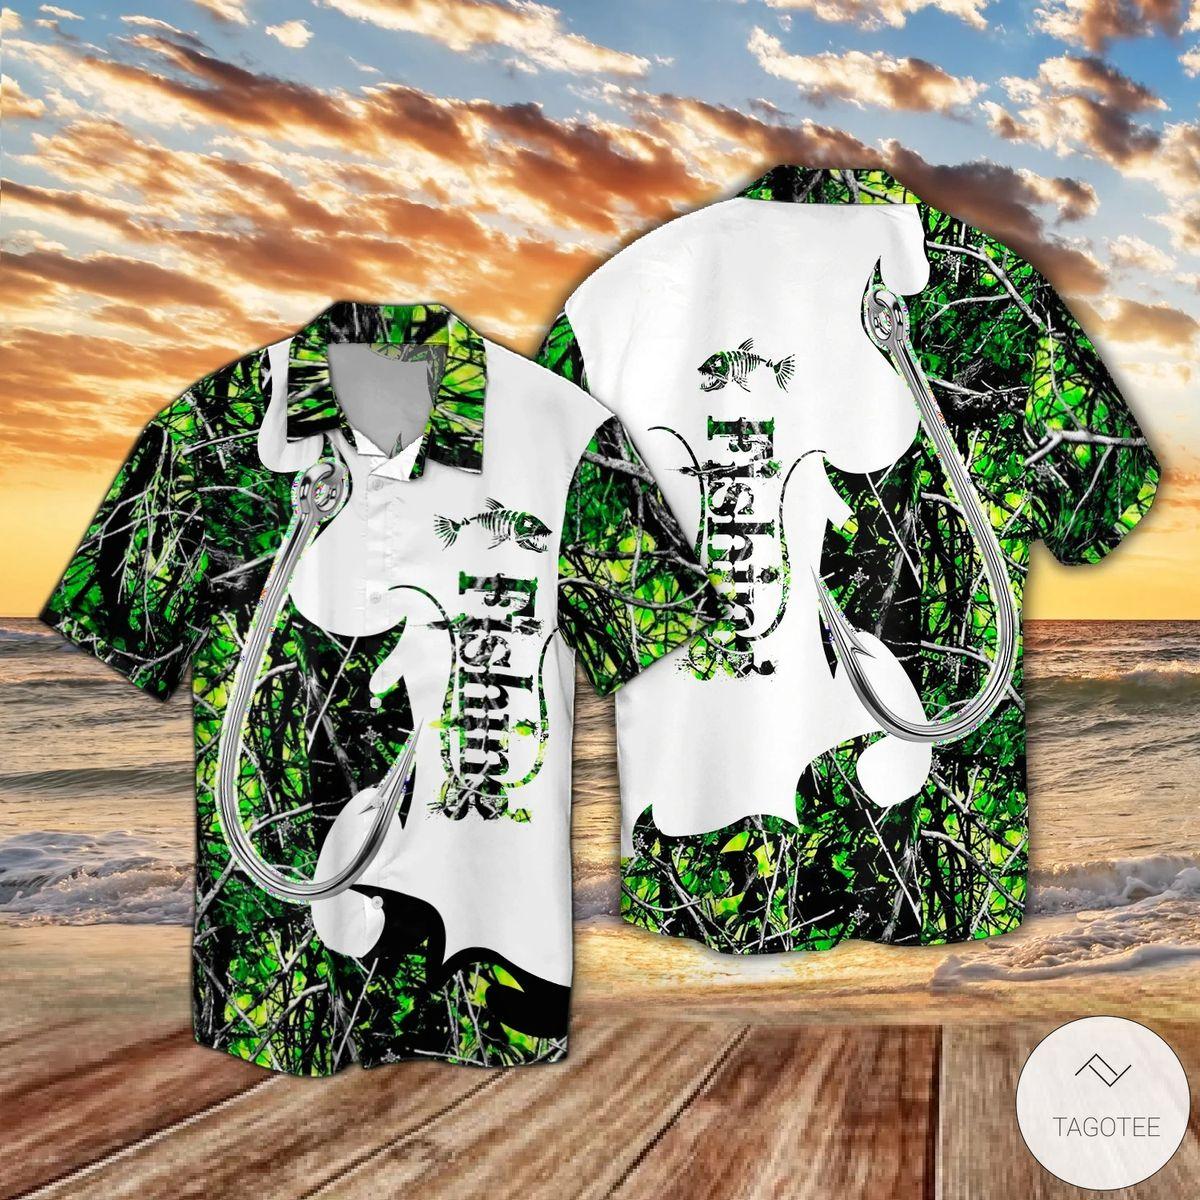 Fishing Camo Pattern Hawaiian Shirt